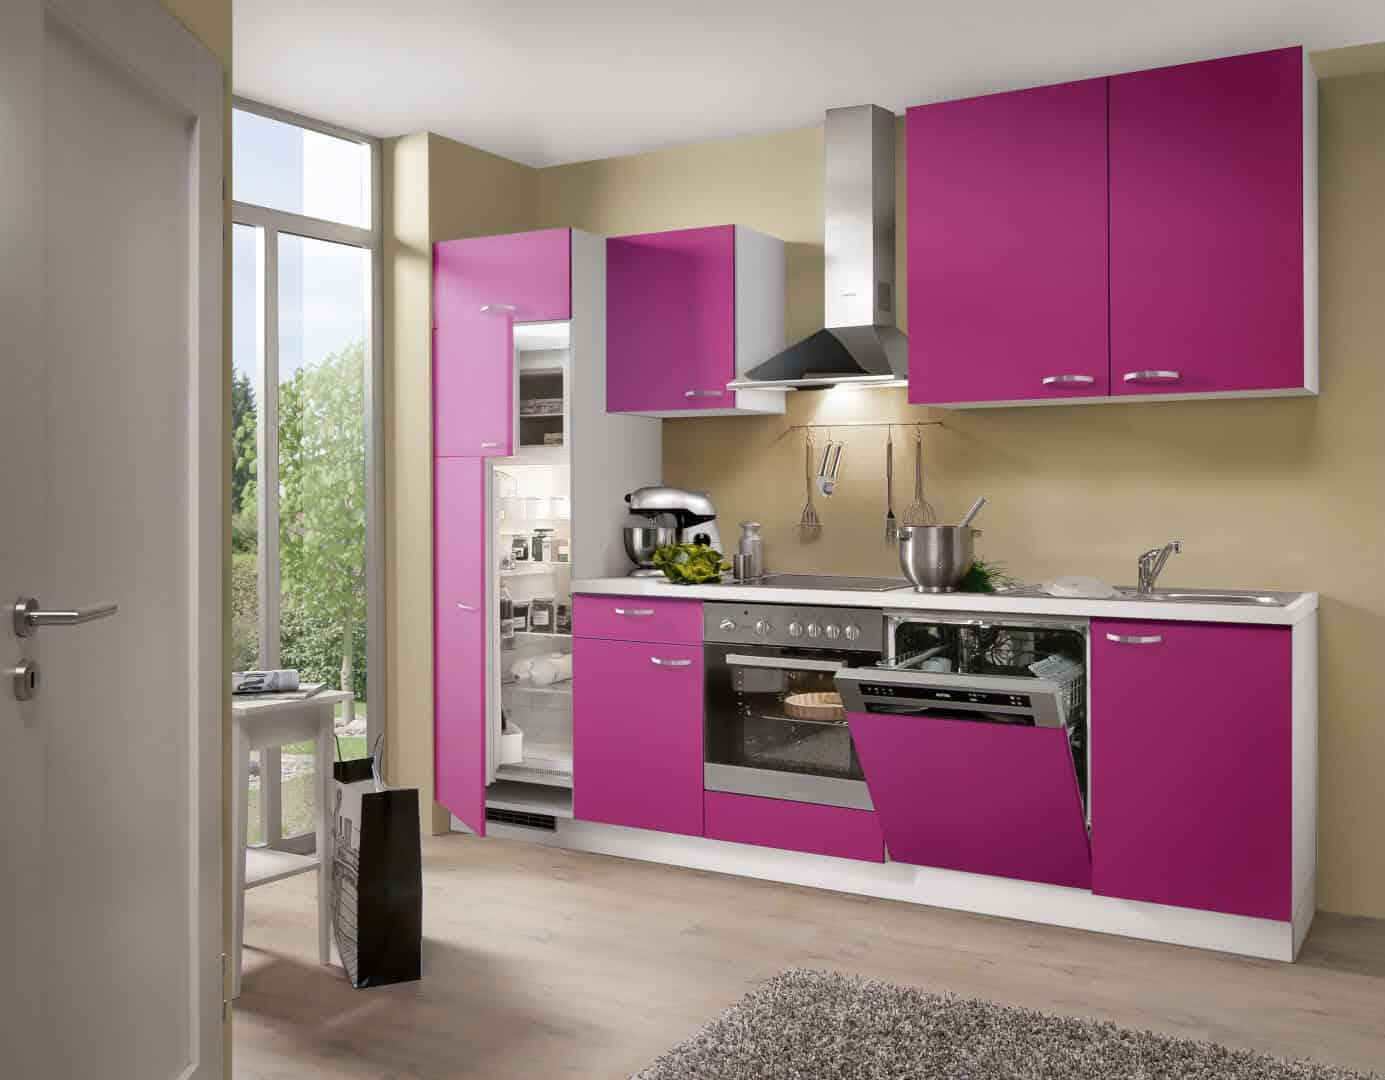 rosa k che preiswert und schnell kaufen rosa k chen ab 10 tagen. Black Bedroom Furniture Sets. Home Design Ideas